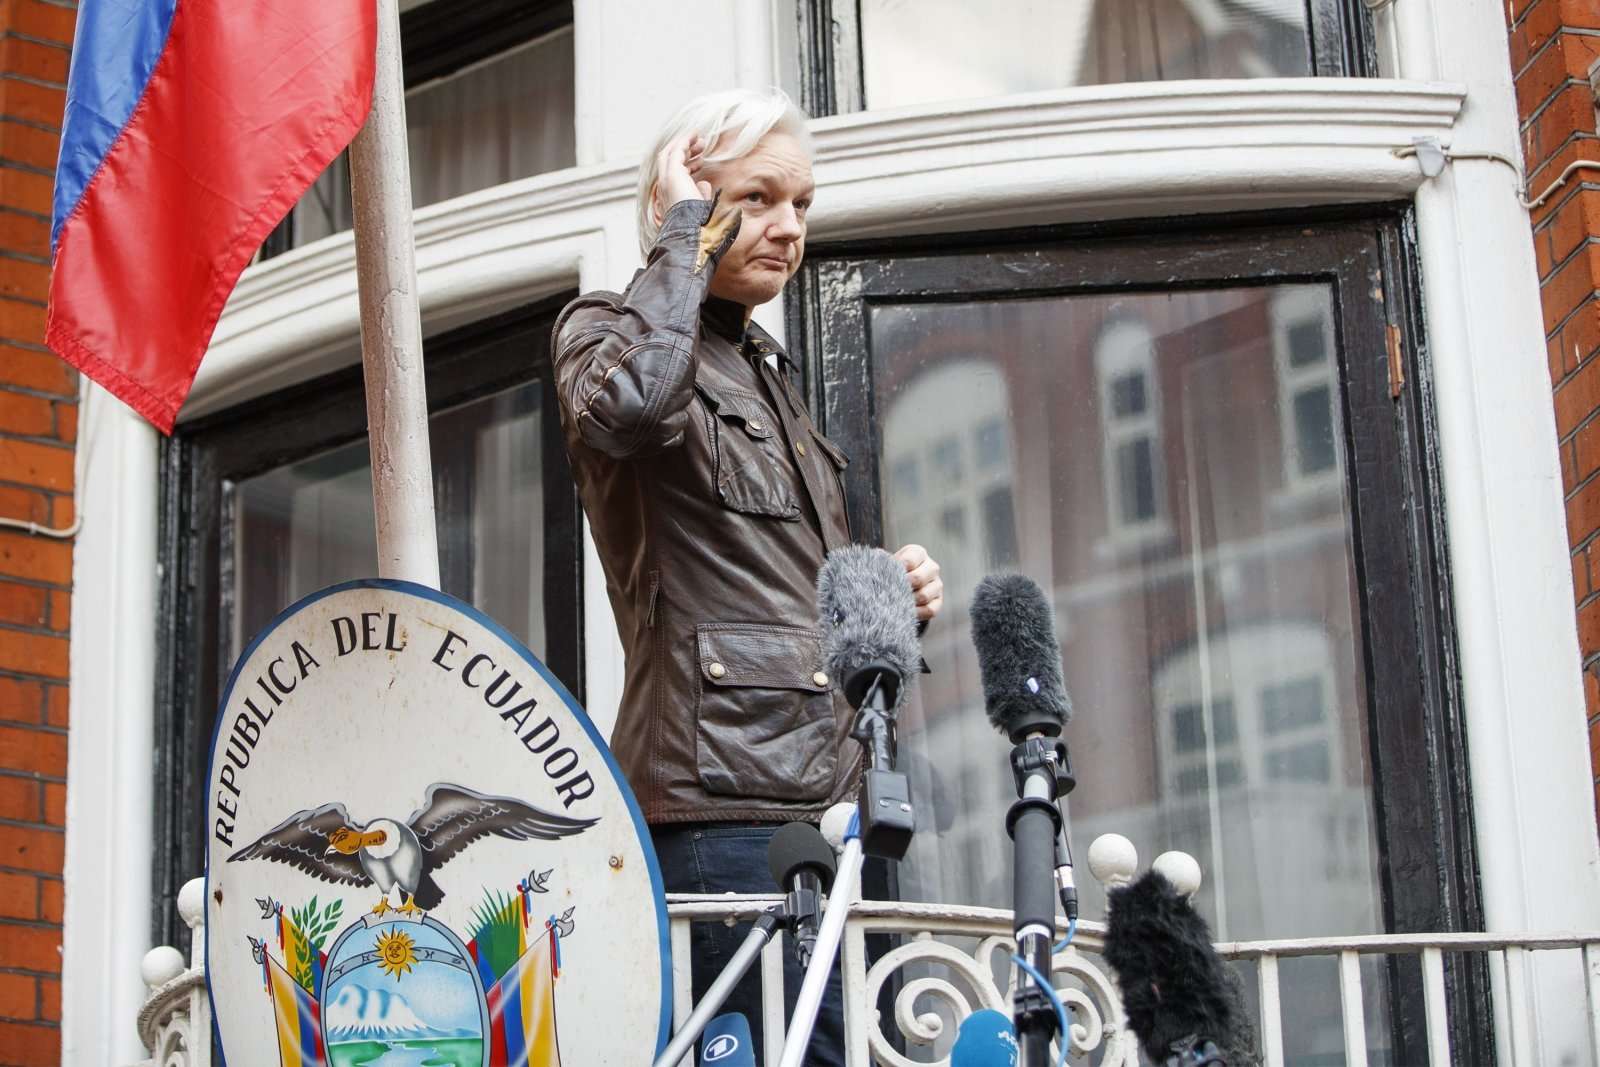 الاكوادور تتعرض لـ 40 مليون هجوم الكتروني عقب تسليم مؤسس ويكيليكس للسلطات البريطانية